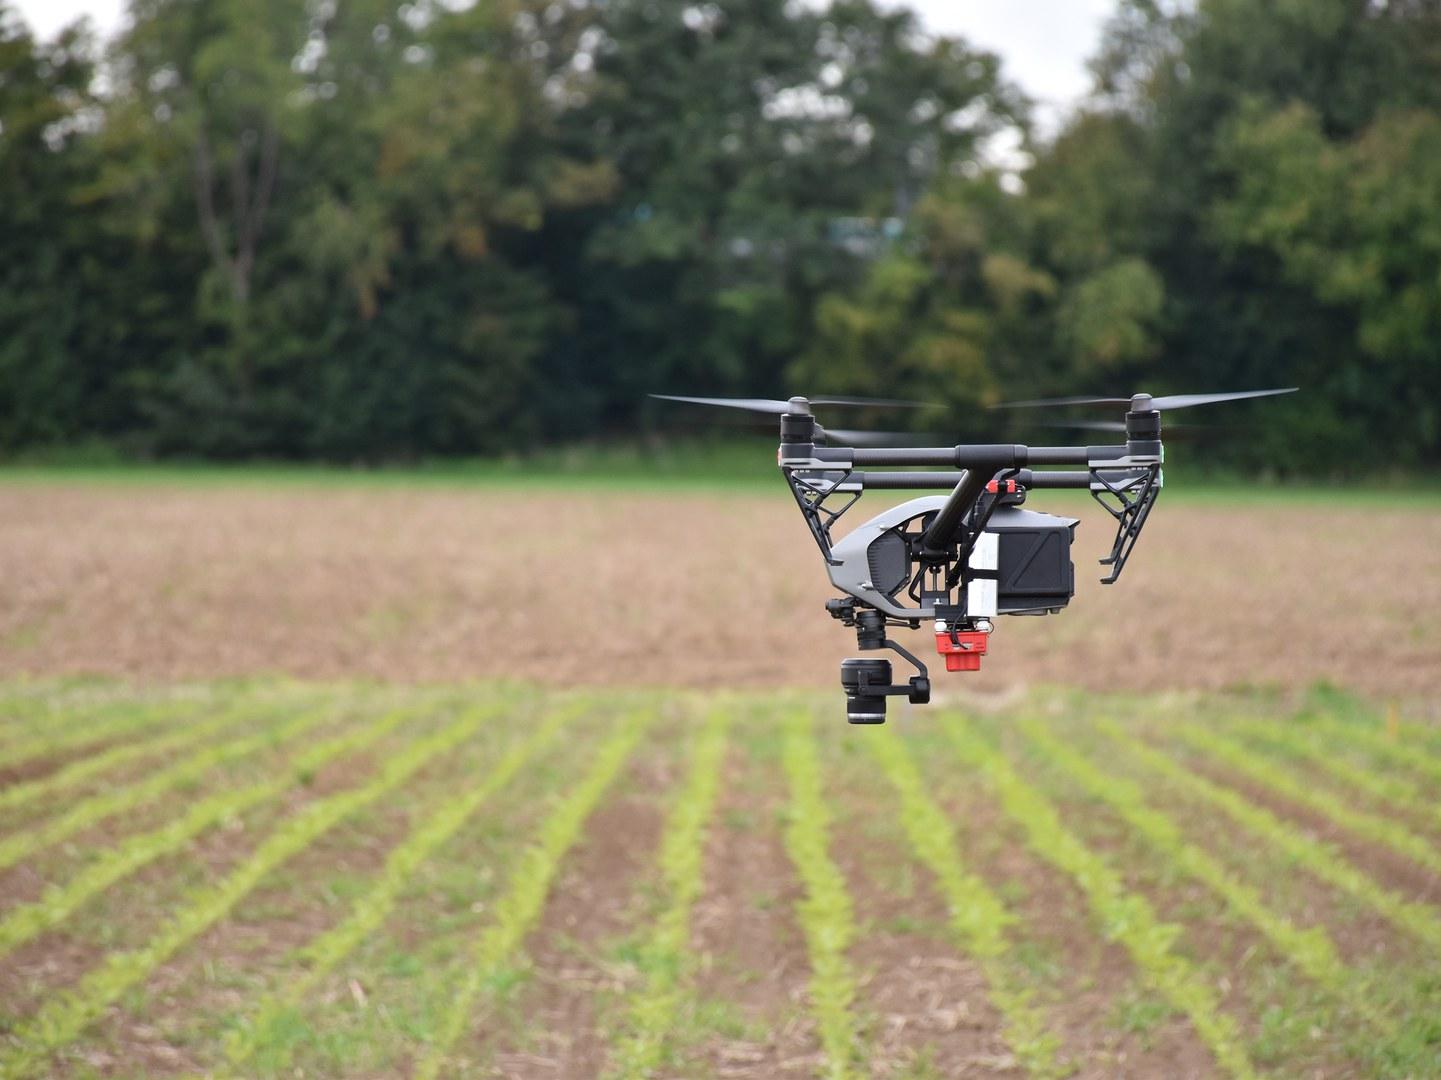 An der Drohne ist eine Kamera befestigt,